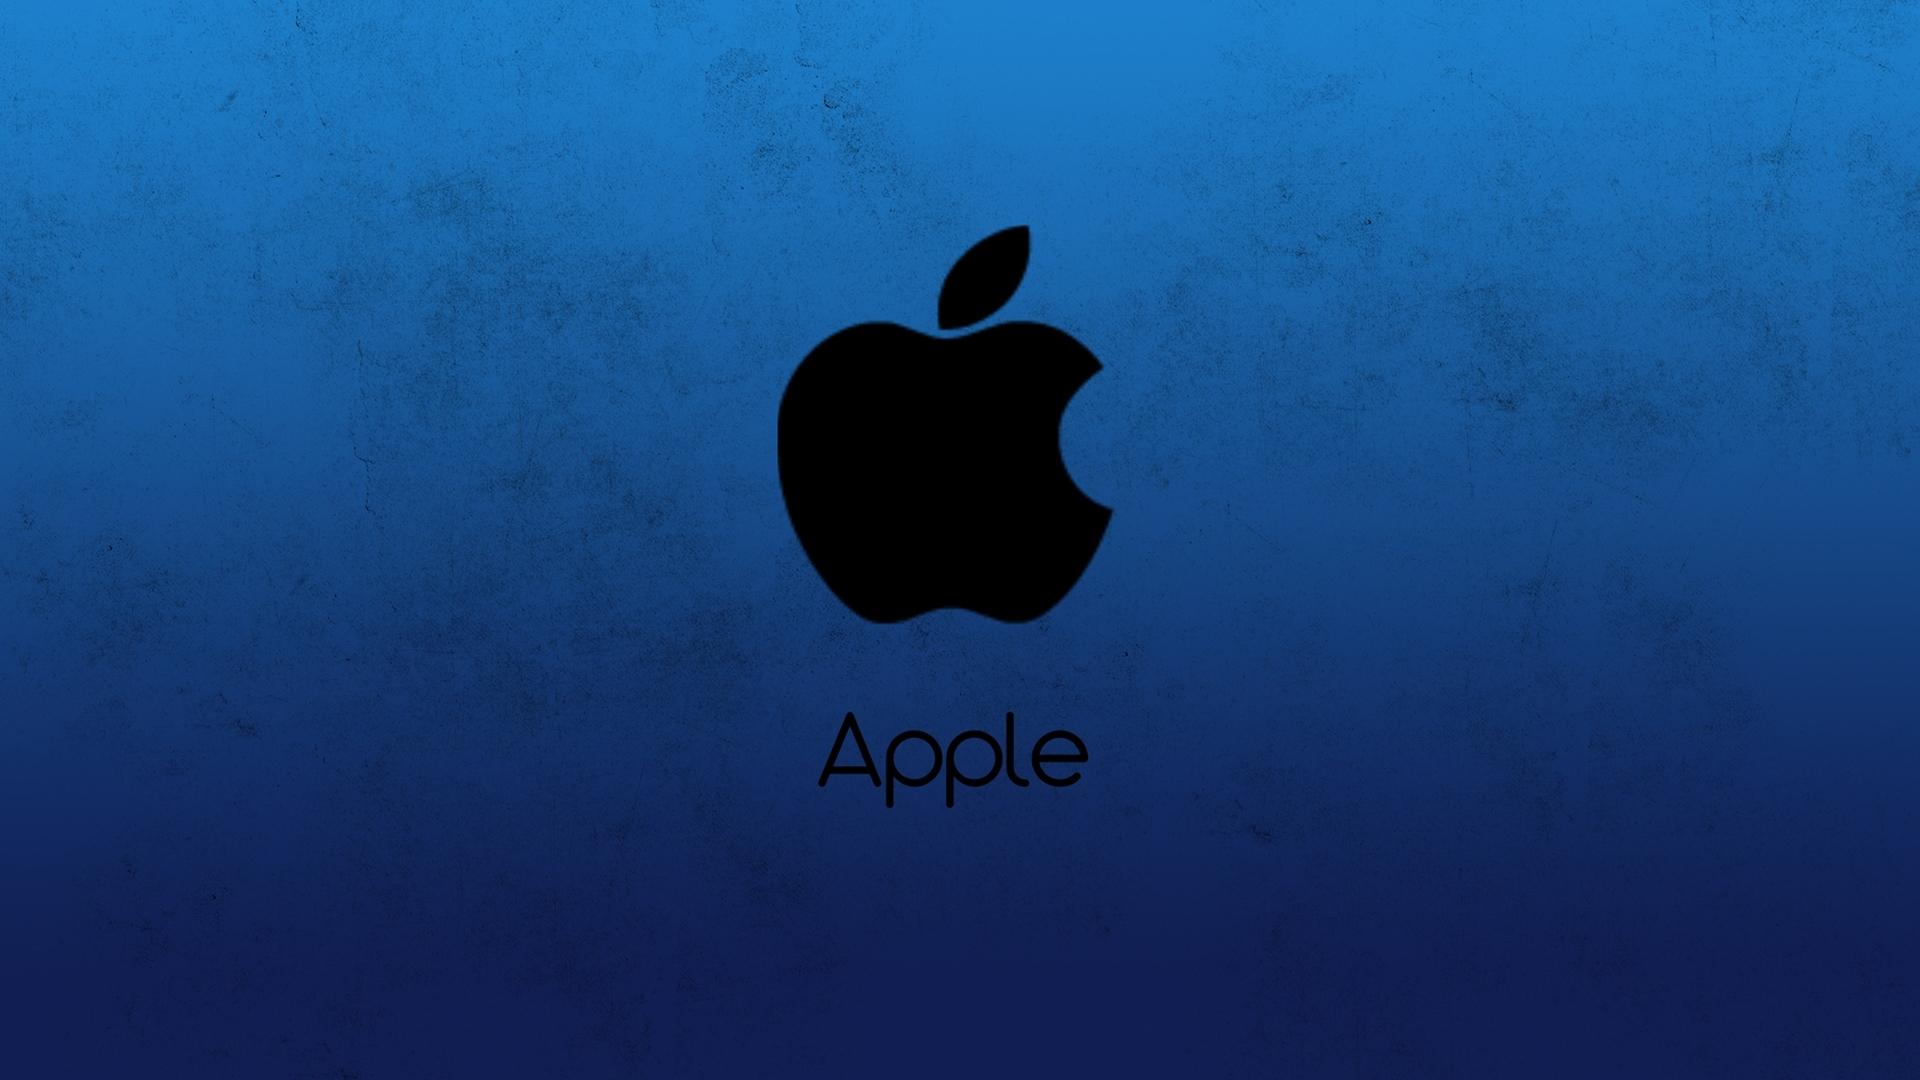 苹果公司已经取消了在丹麦建立数据中心的计划